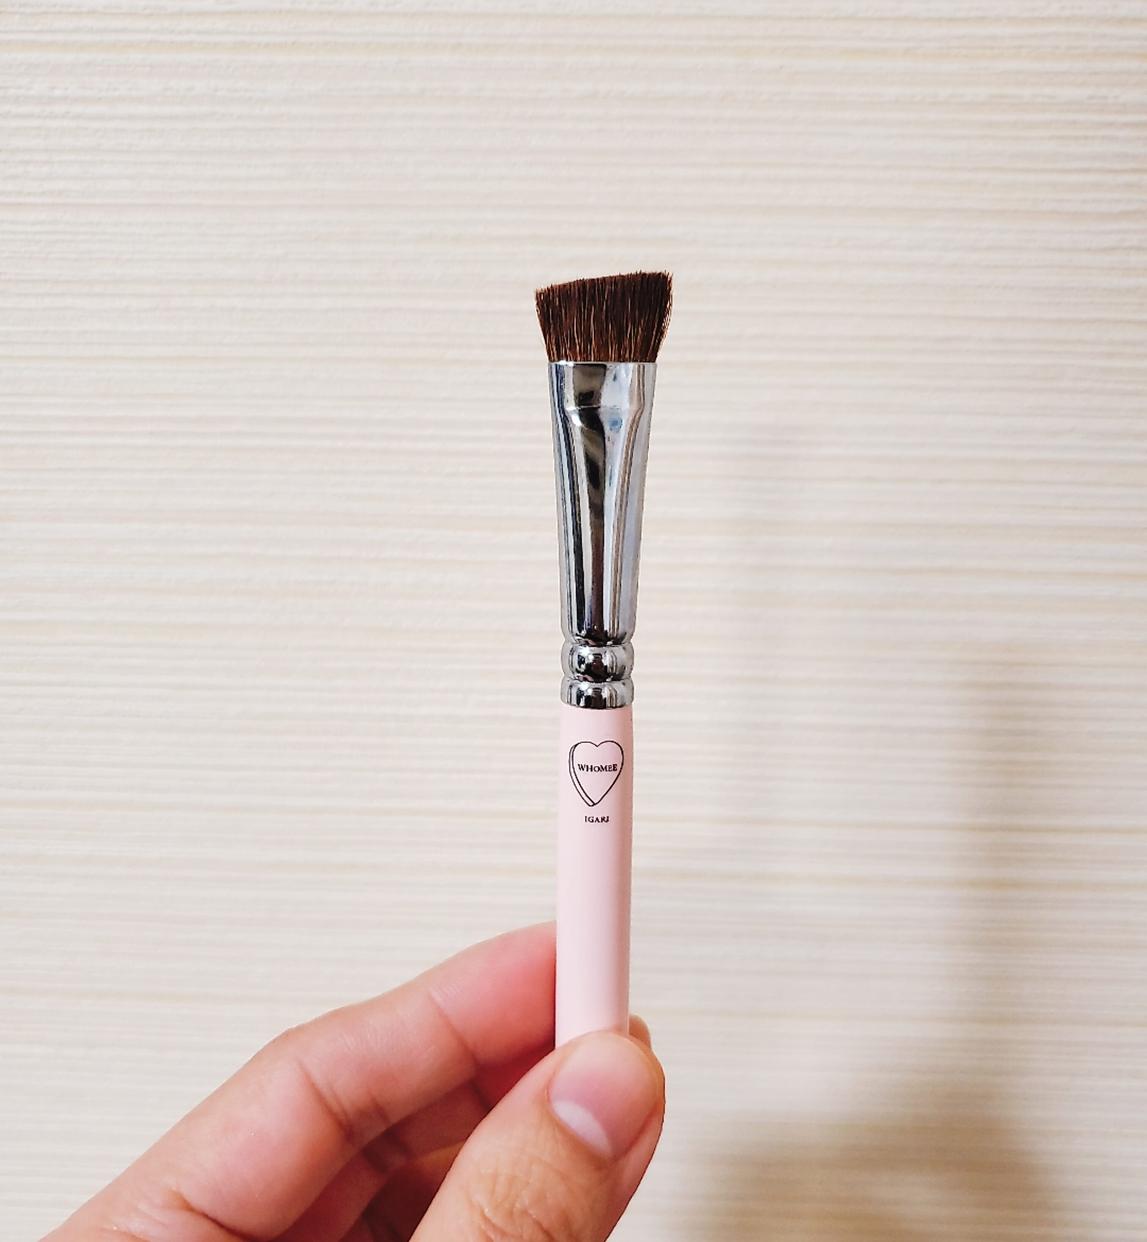 WHOMEE(フーミー) アイブロウブラシ 熊野筆を使ったthihiさんのクチコミ画像1